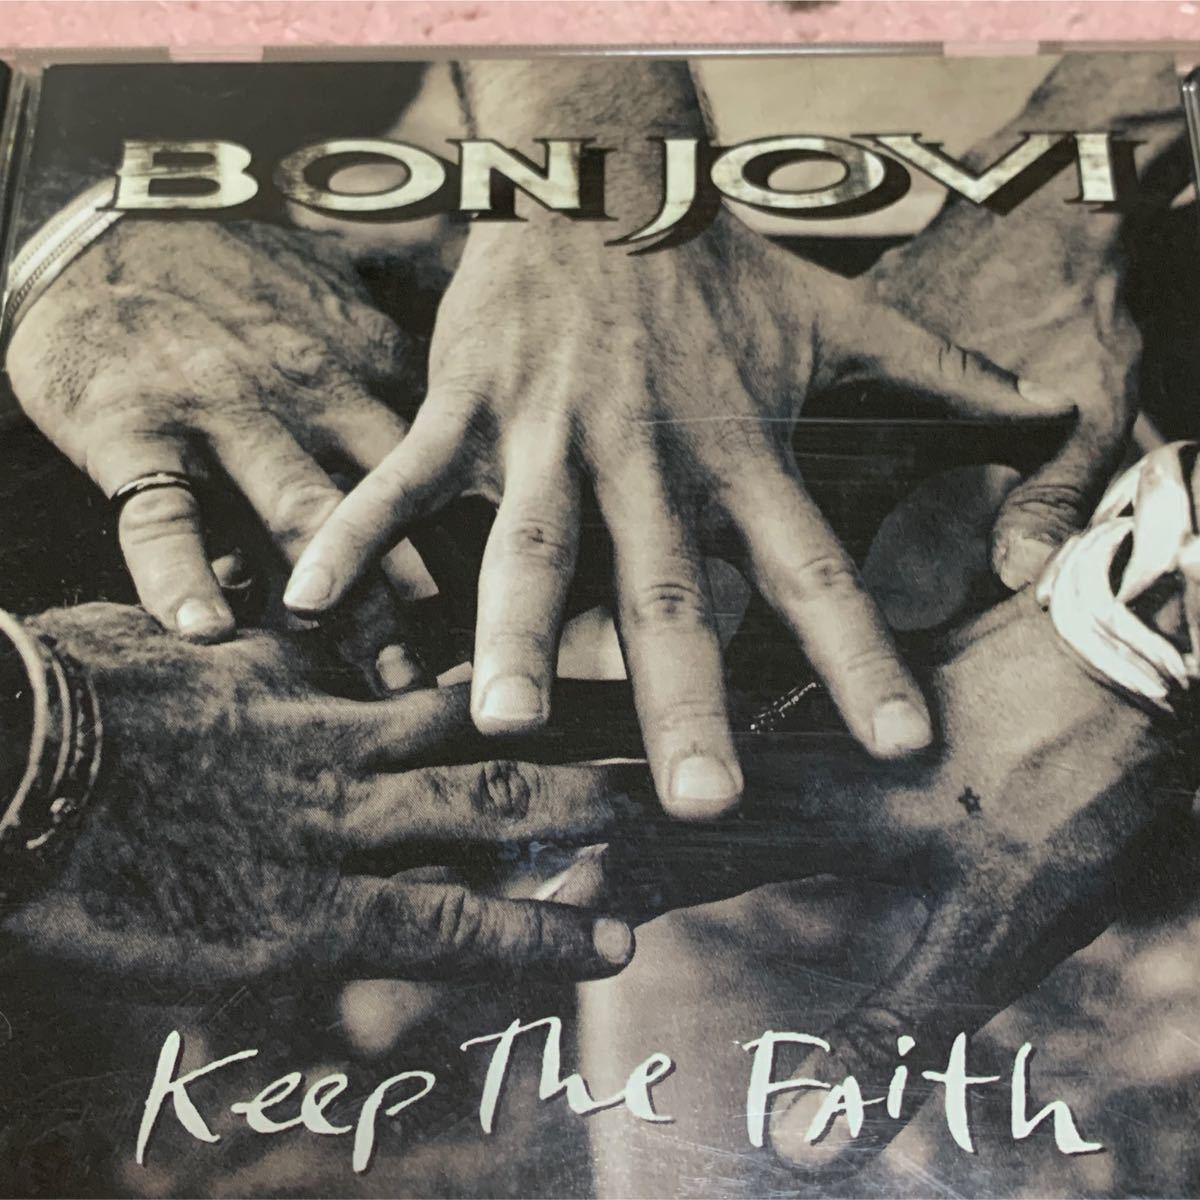 BON JOVI Keep The Faith